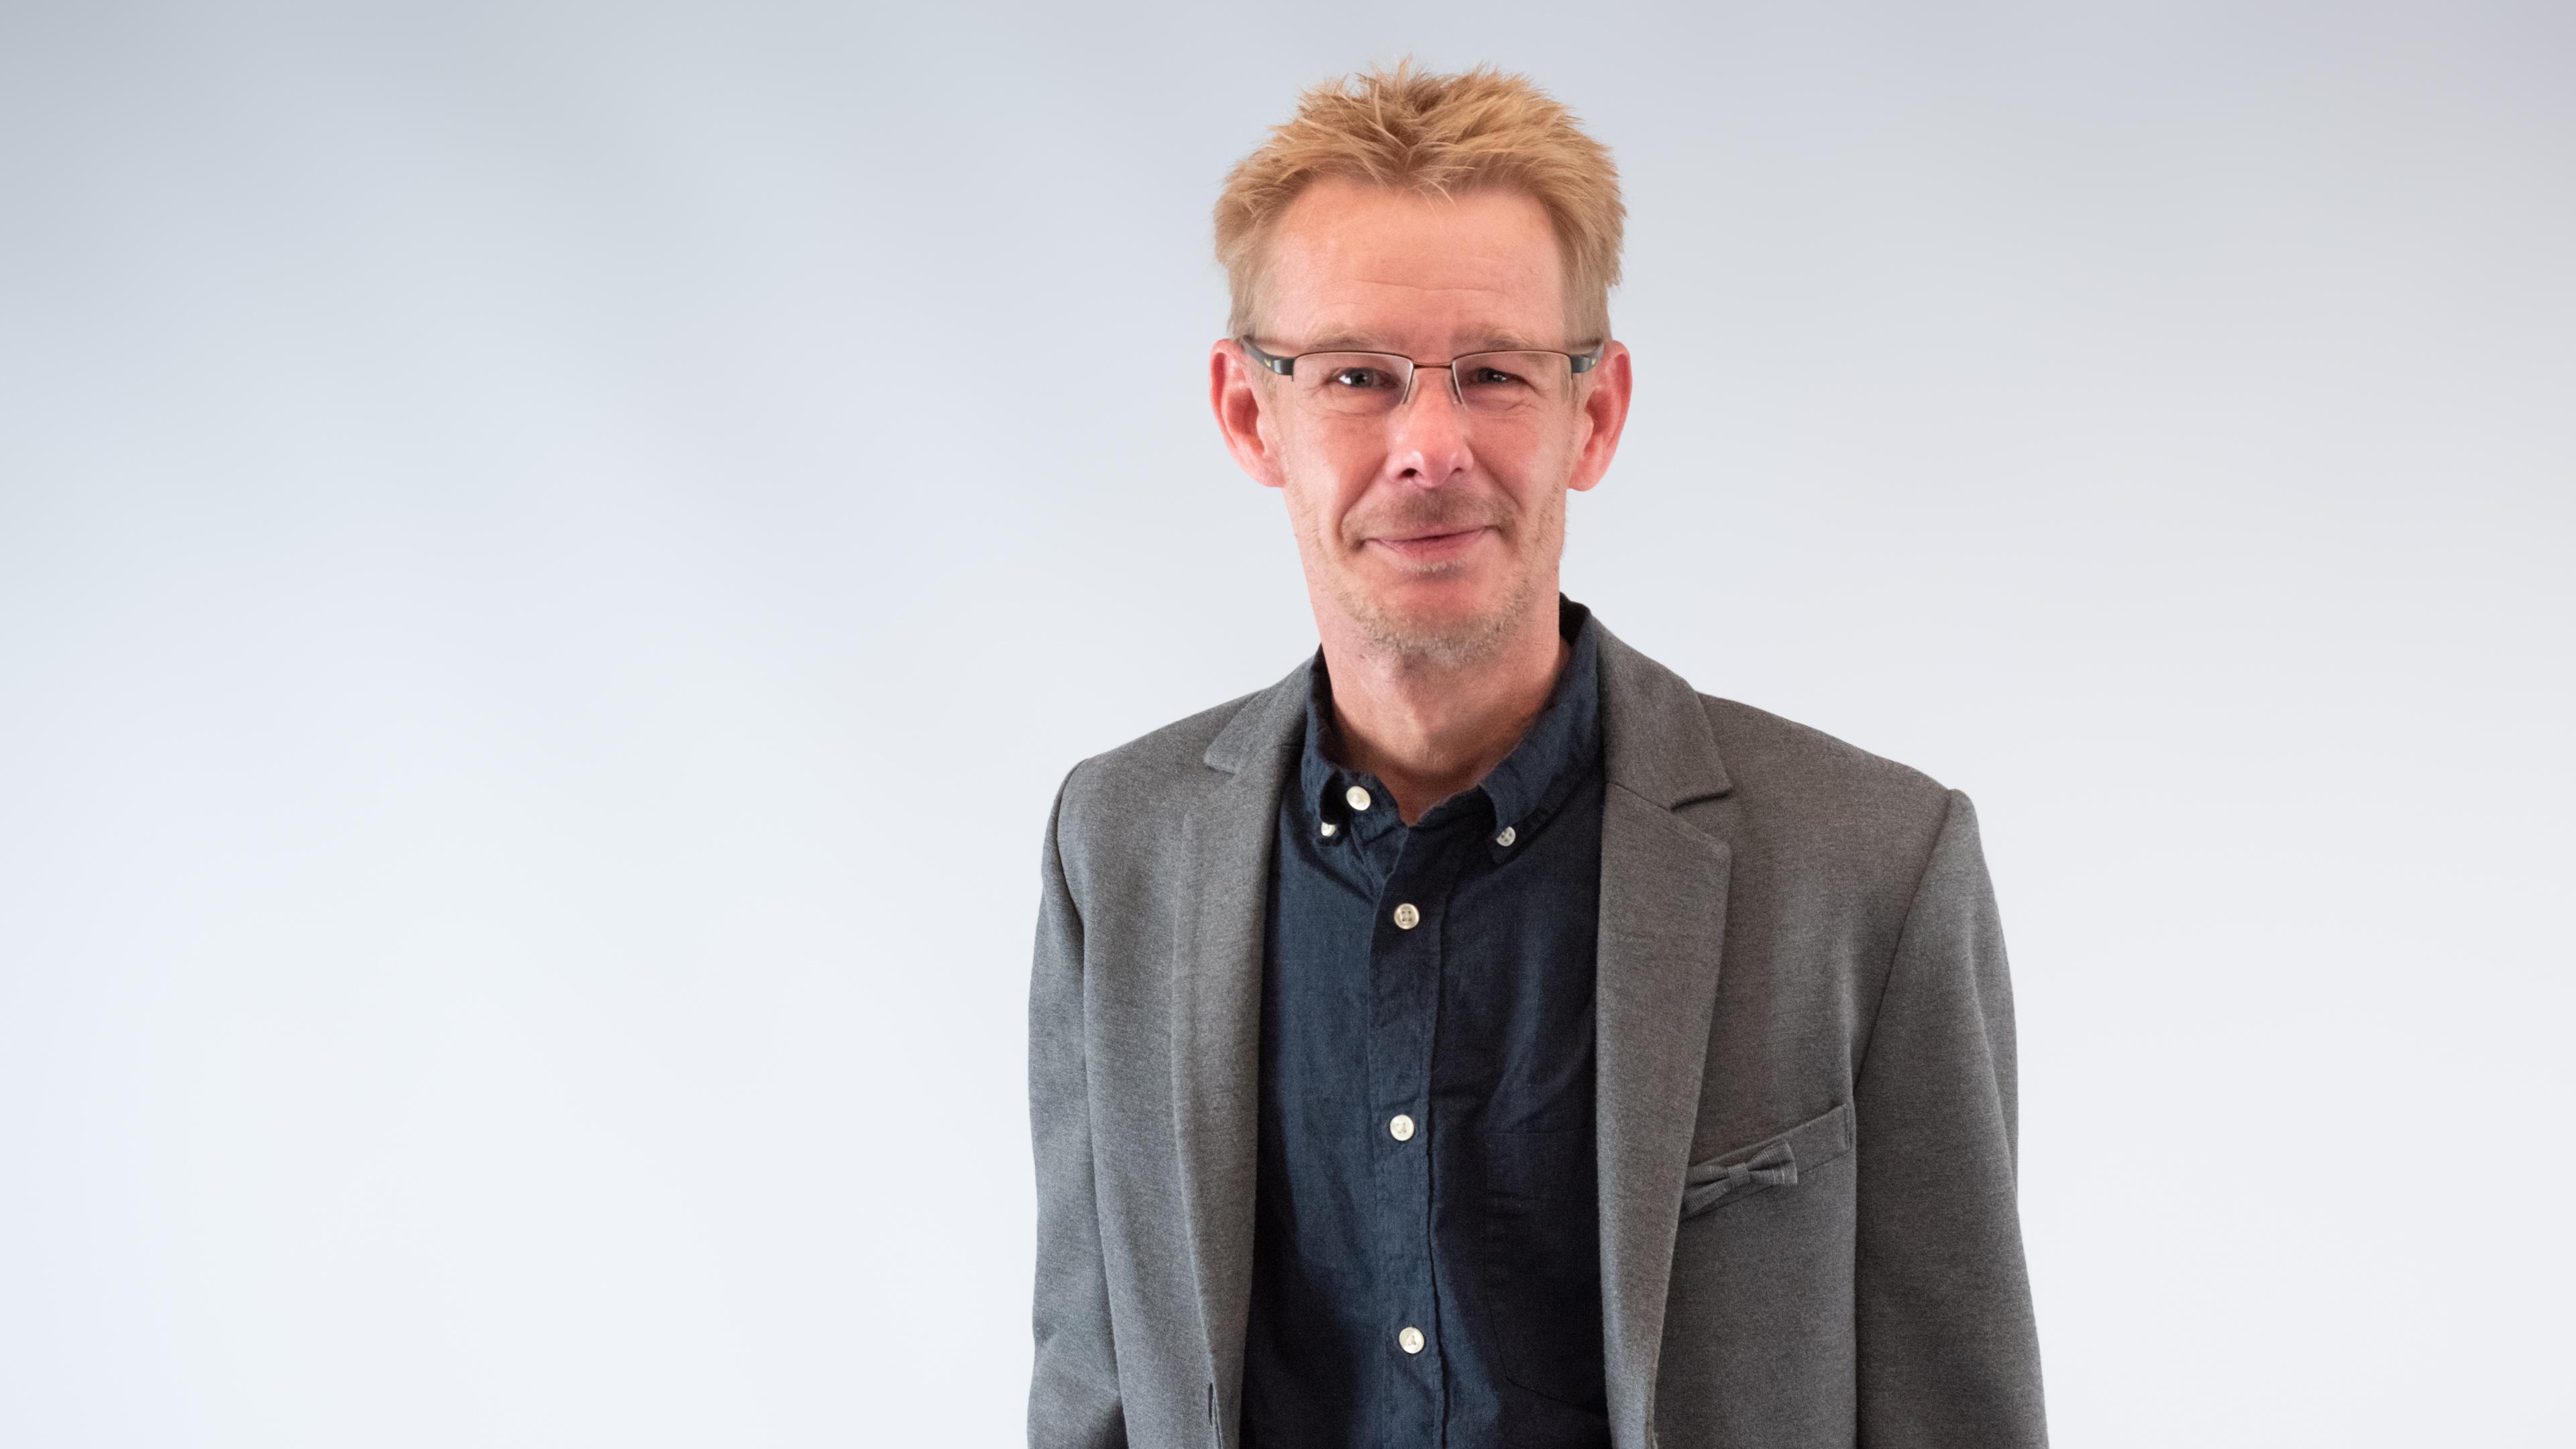 Erik Hoops ist neuer wissenschaftlicher Leiter der DSM-Bibliothek. Bildquelle: DSM